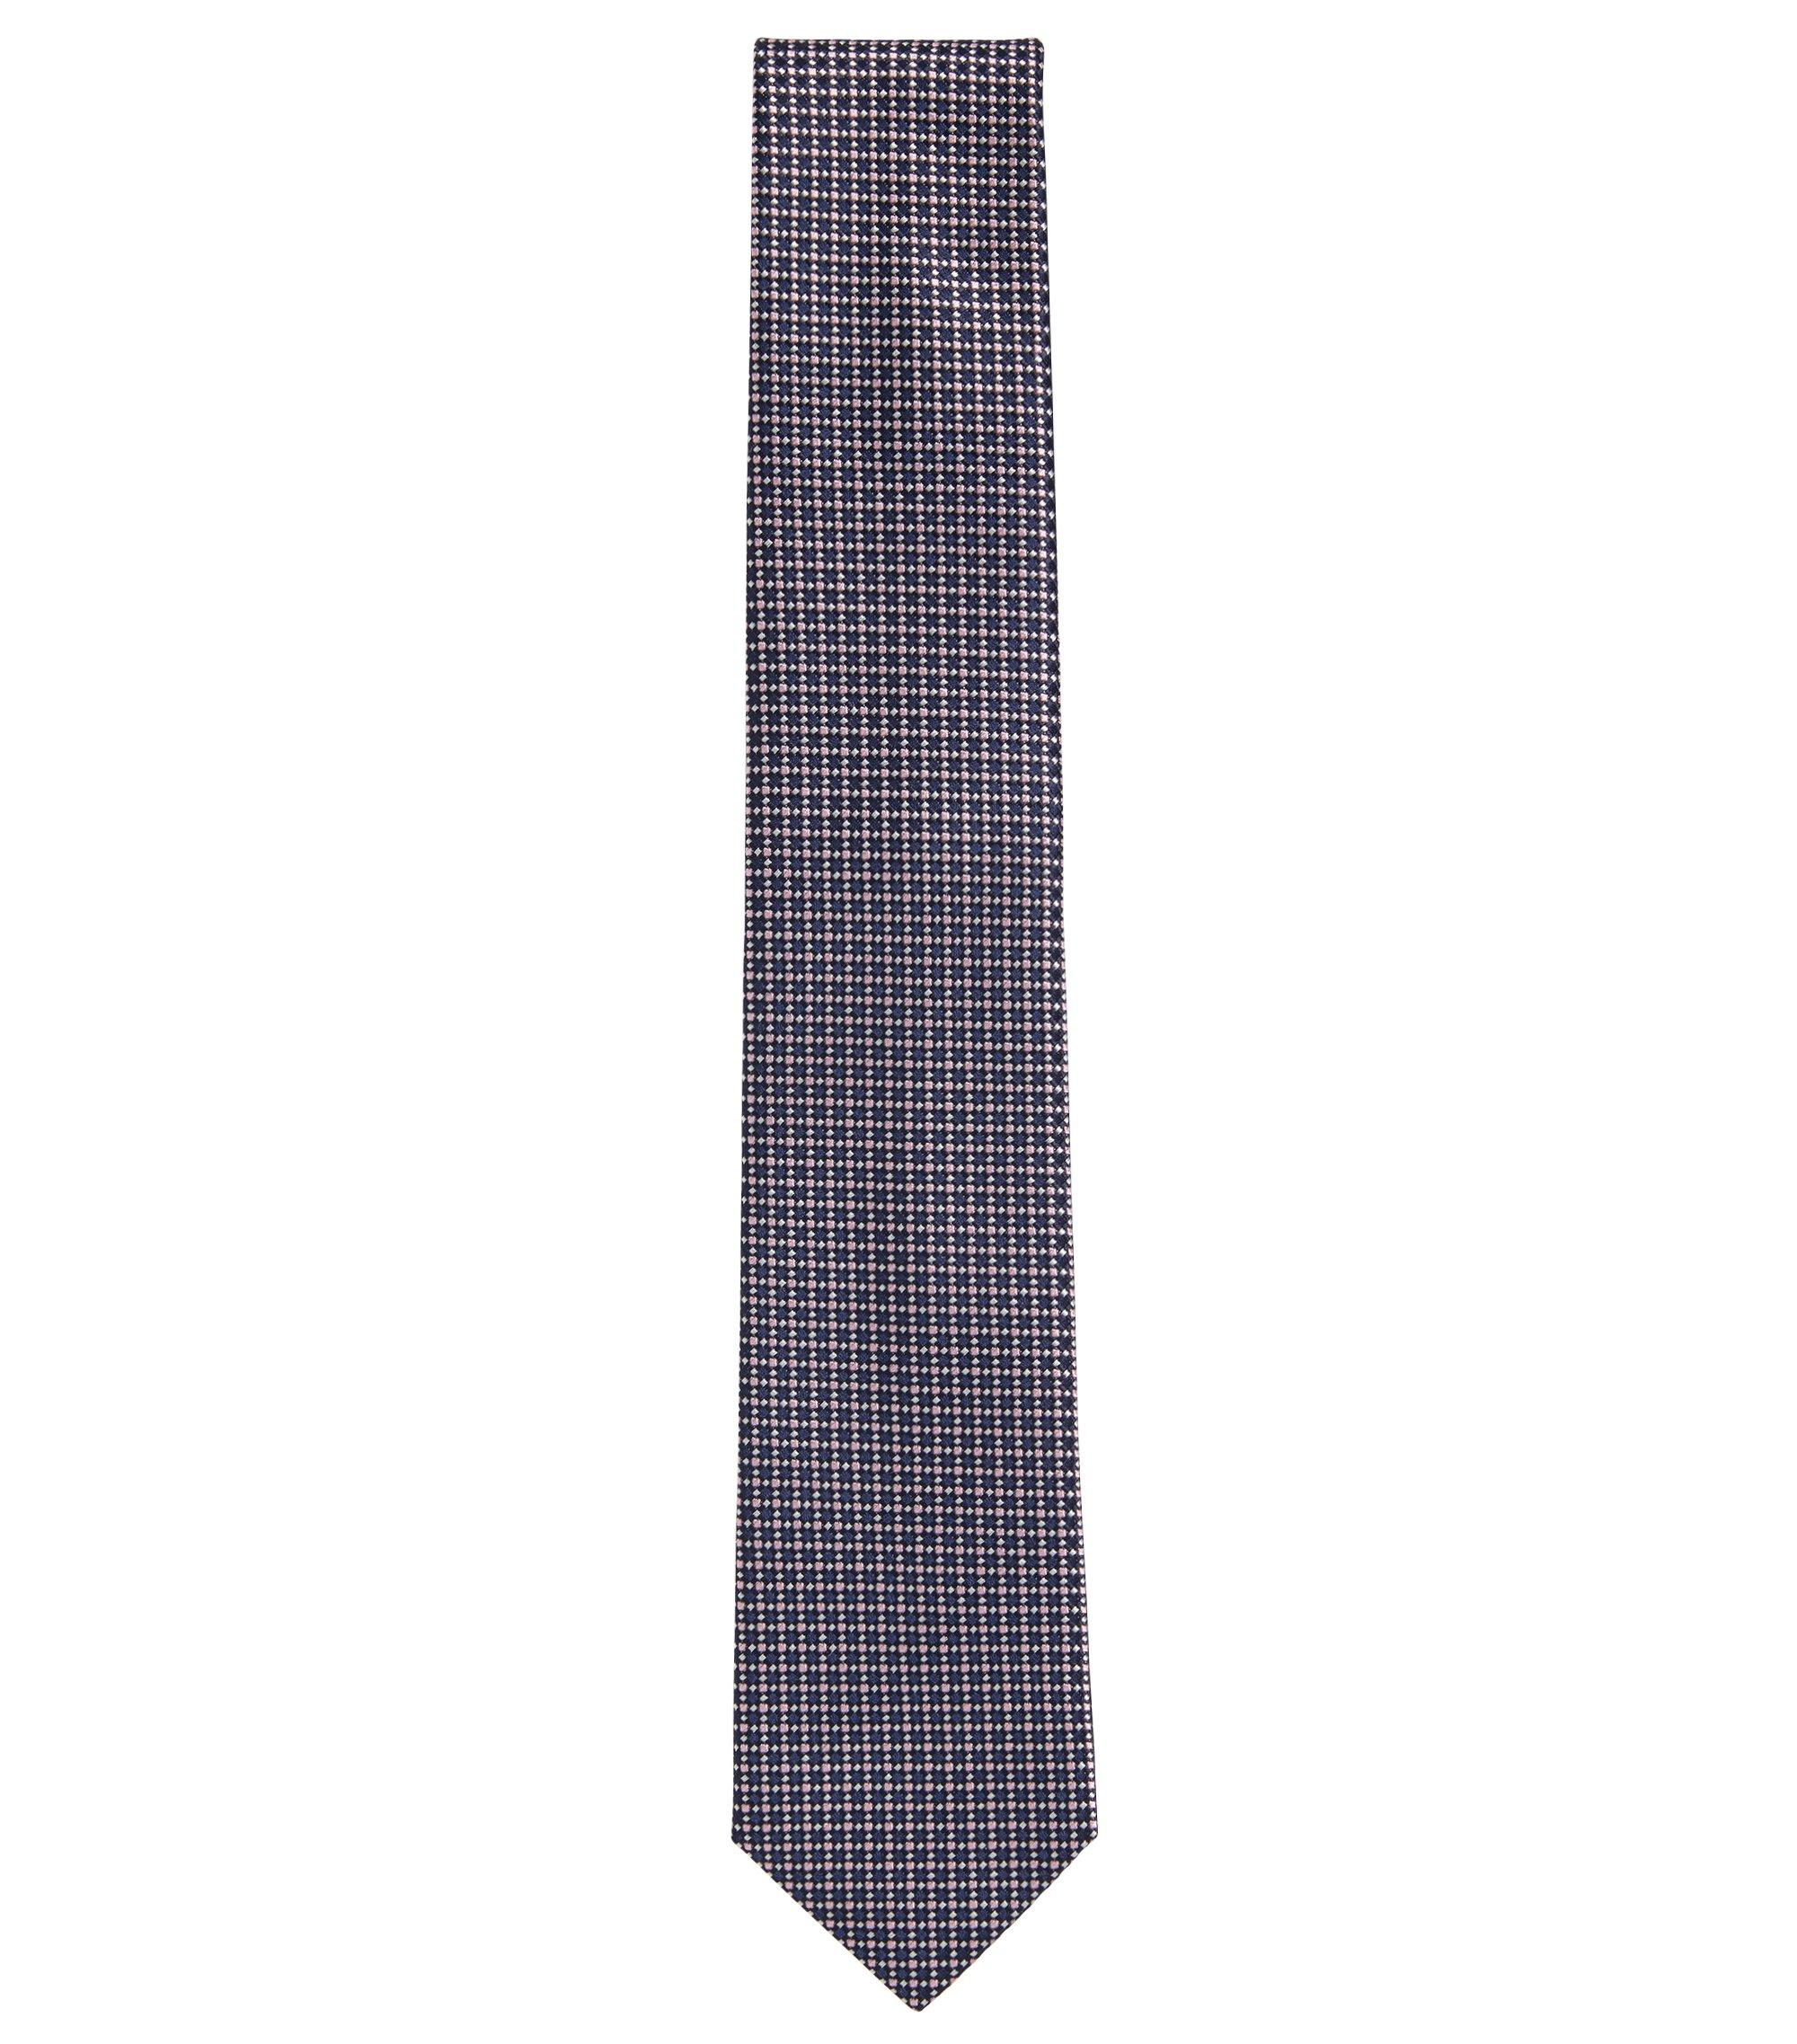 Embroidered Italian Silk Tie, Dark Blue